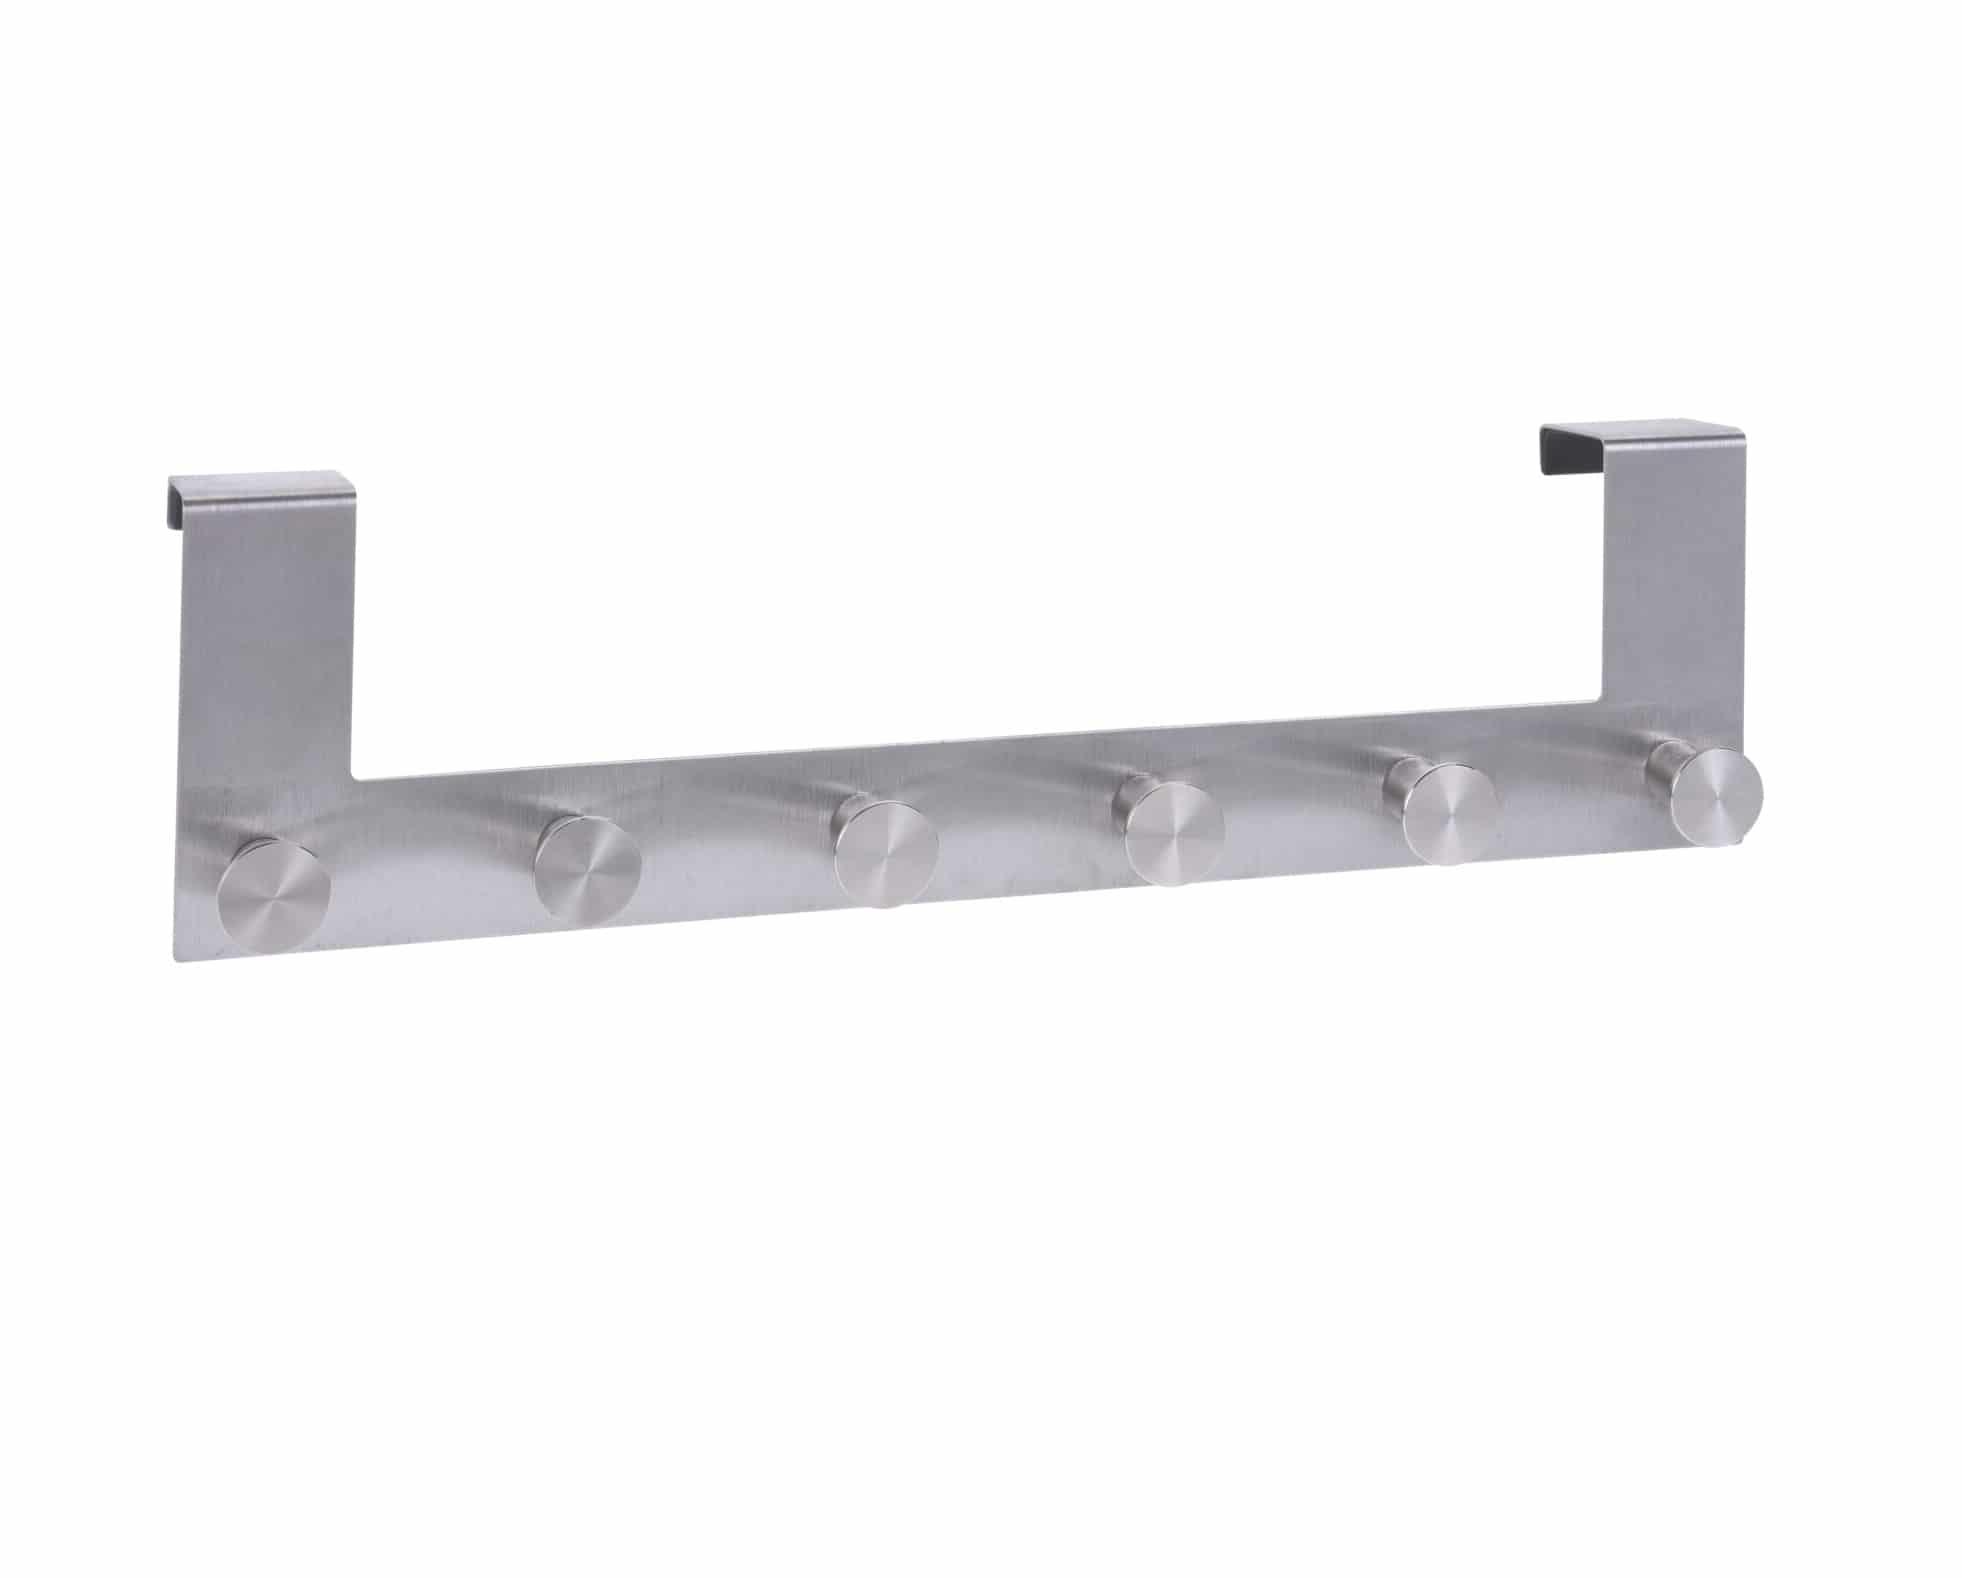 4goodz Deurkapstok RVS met 6 knoppen - 7,5x42x17 cm - Zilver